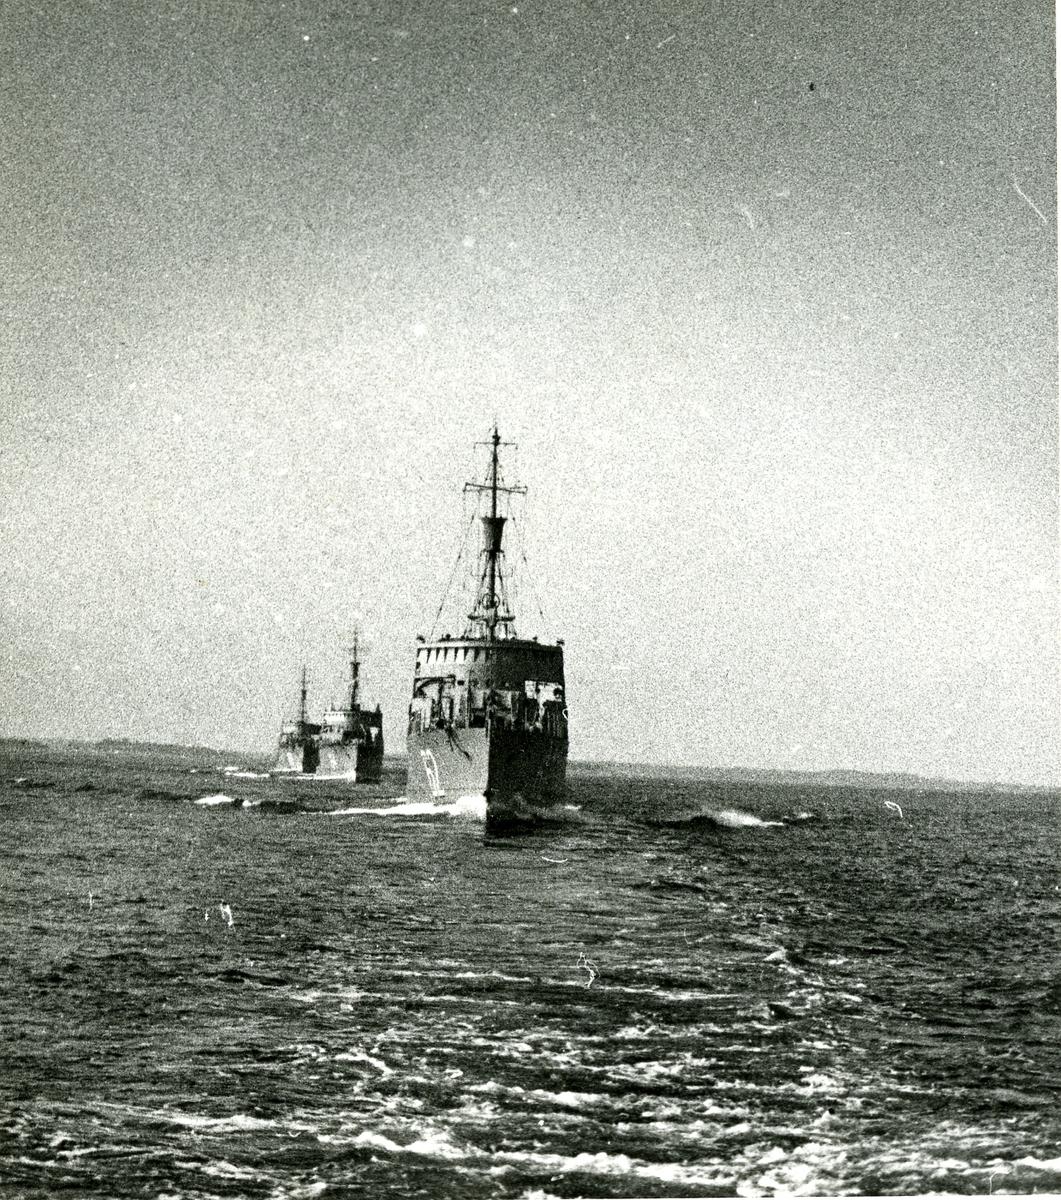 ÖRSKÄR (1941)